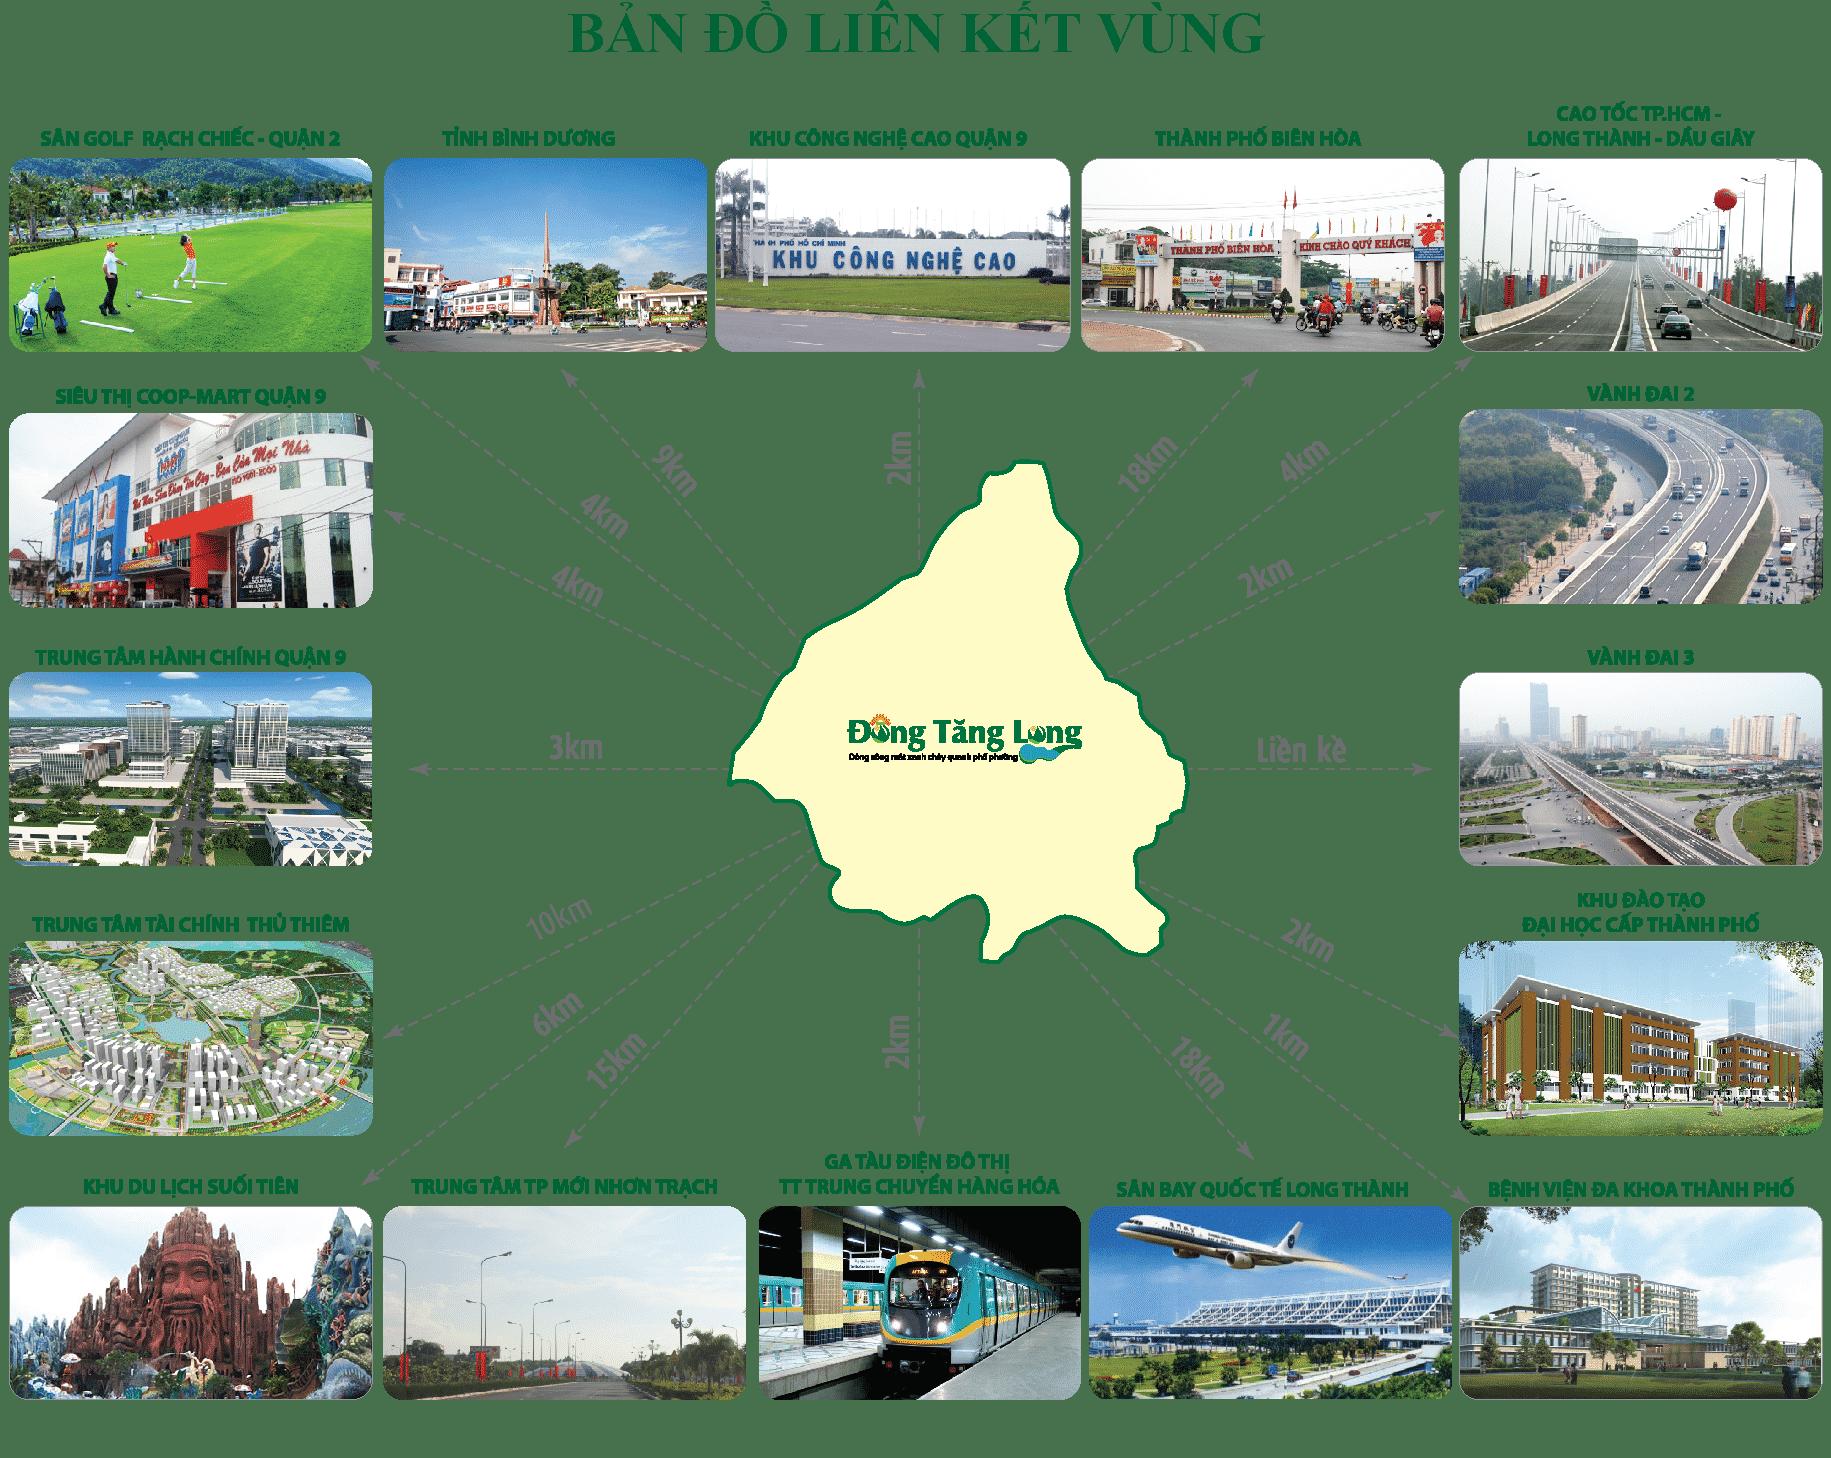 bản đồ liên kết vùng của khu Đông Tăng Long